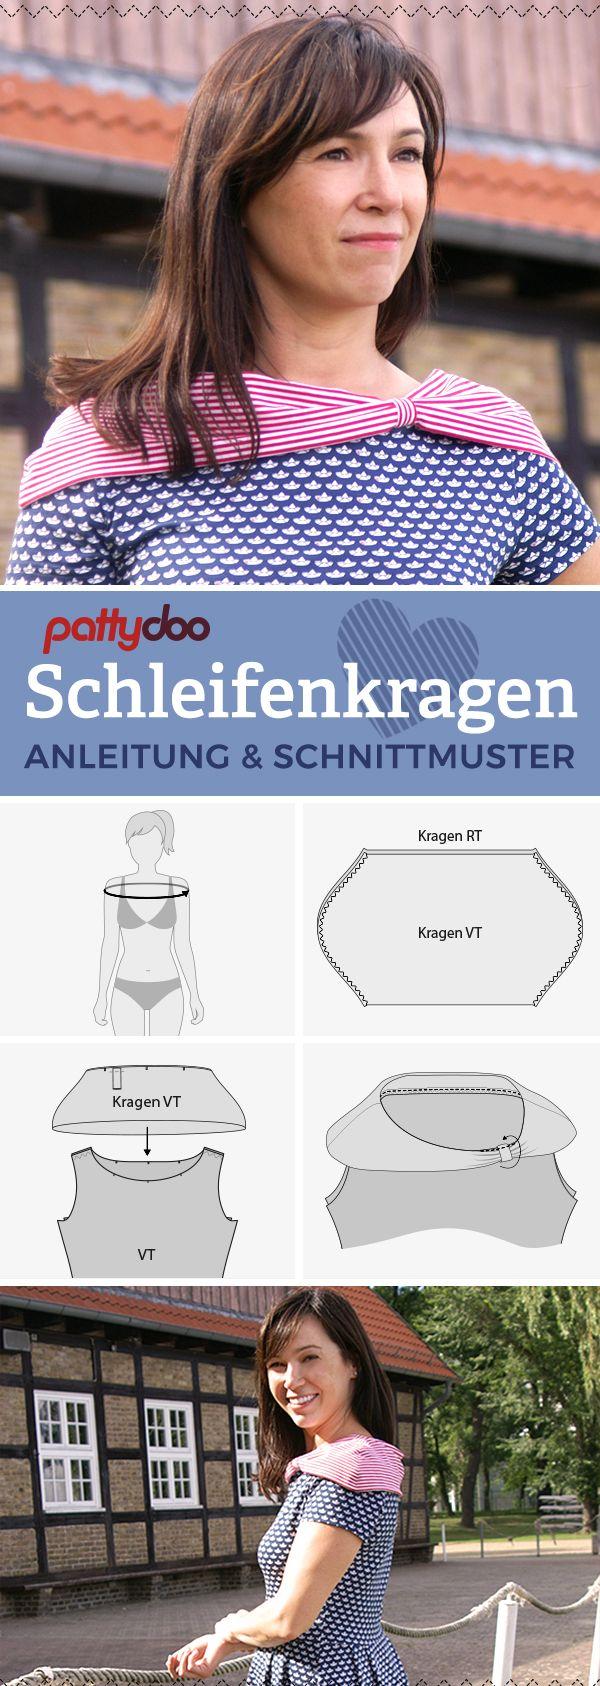 Anleitung und gratis Schnittmuster Add-On für einen Schleifenkragen - Hübsche Kragenvariante für Jerseykleider und T-Shirts | Freebie von pattydoo